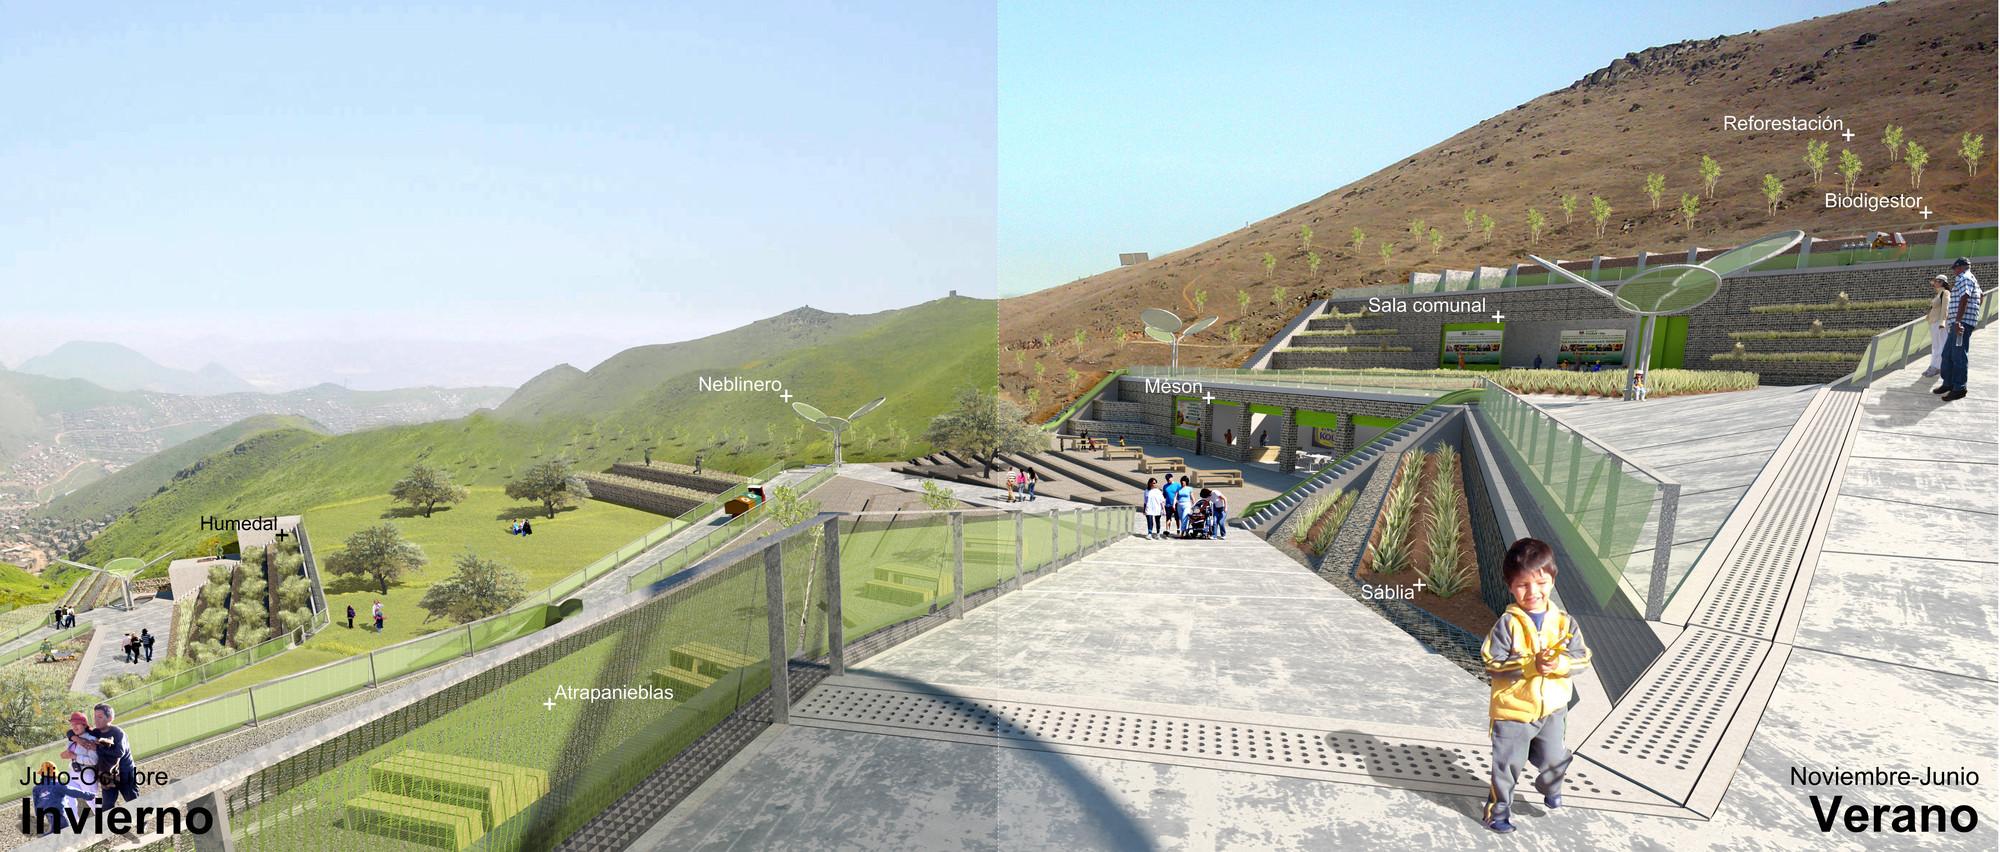 Primer Lugar Concurso Juan Gunther en Lima, Perú, Parque Atrapanieblas / Vista Invierno yVerano. Image Courtesy of Marius Ege